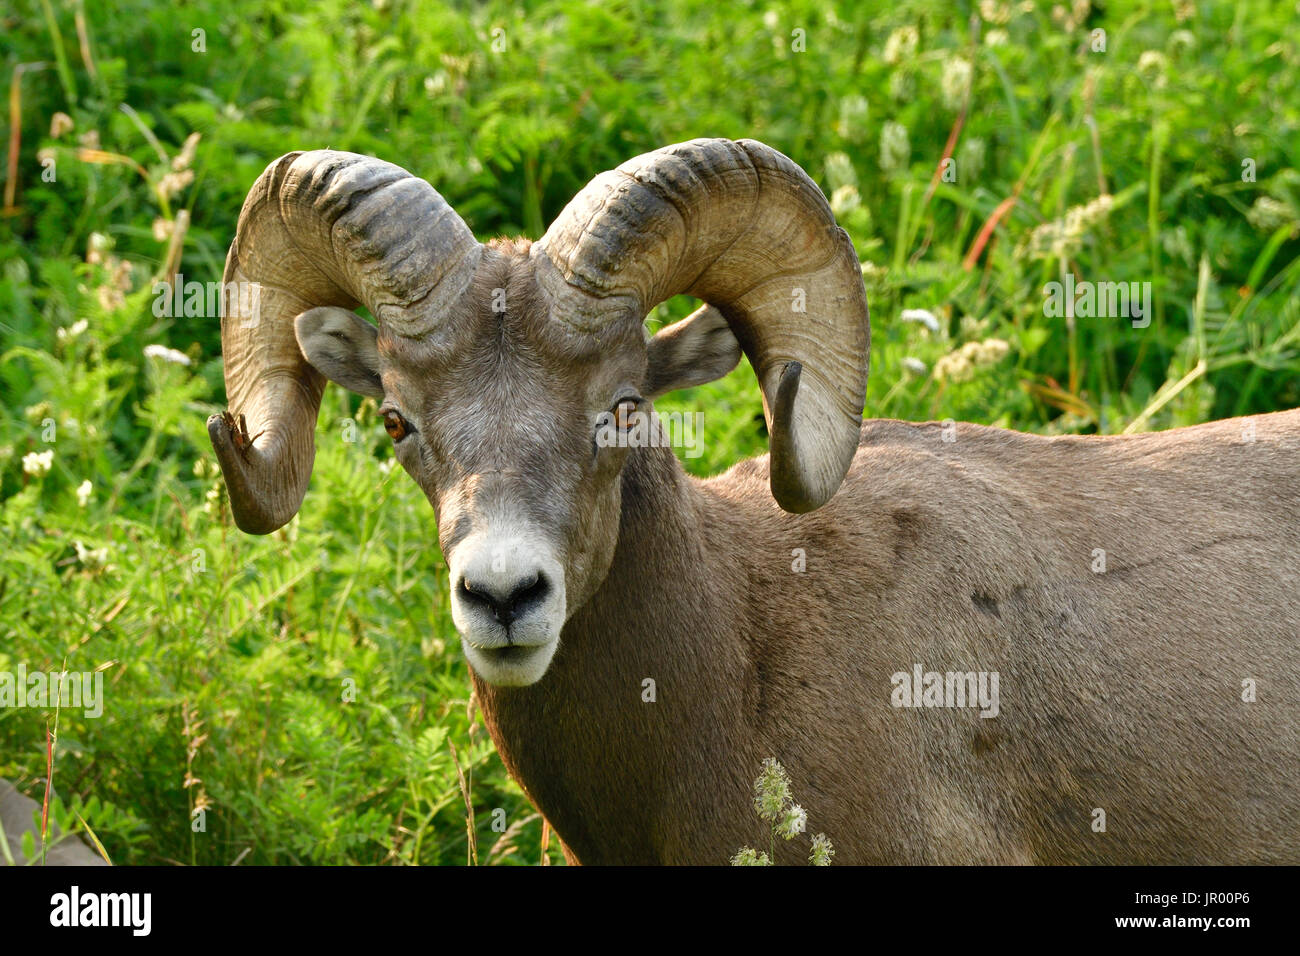 Un portrait d'un mouflon sauvage 'Ovis canadensis' debout dans un champ d'herbe verte et profonde de la végétation. Photo Stock